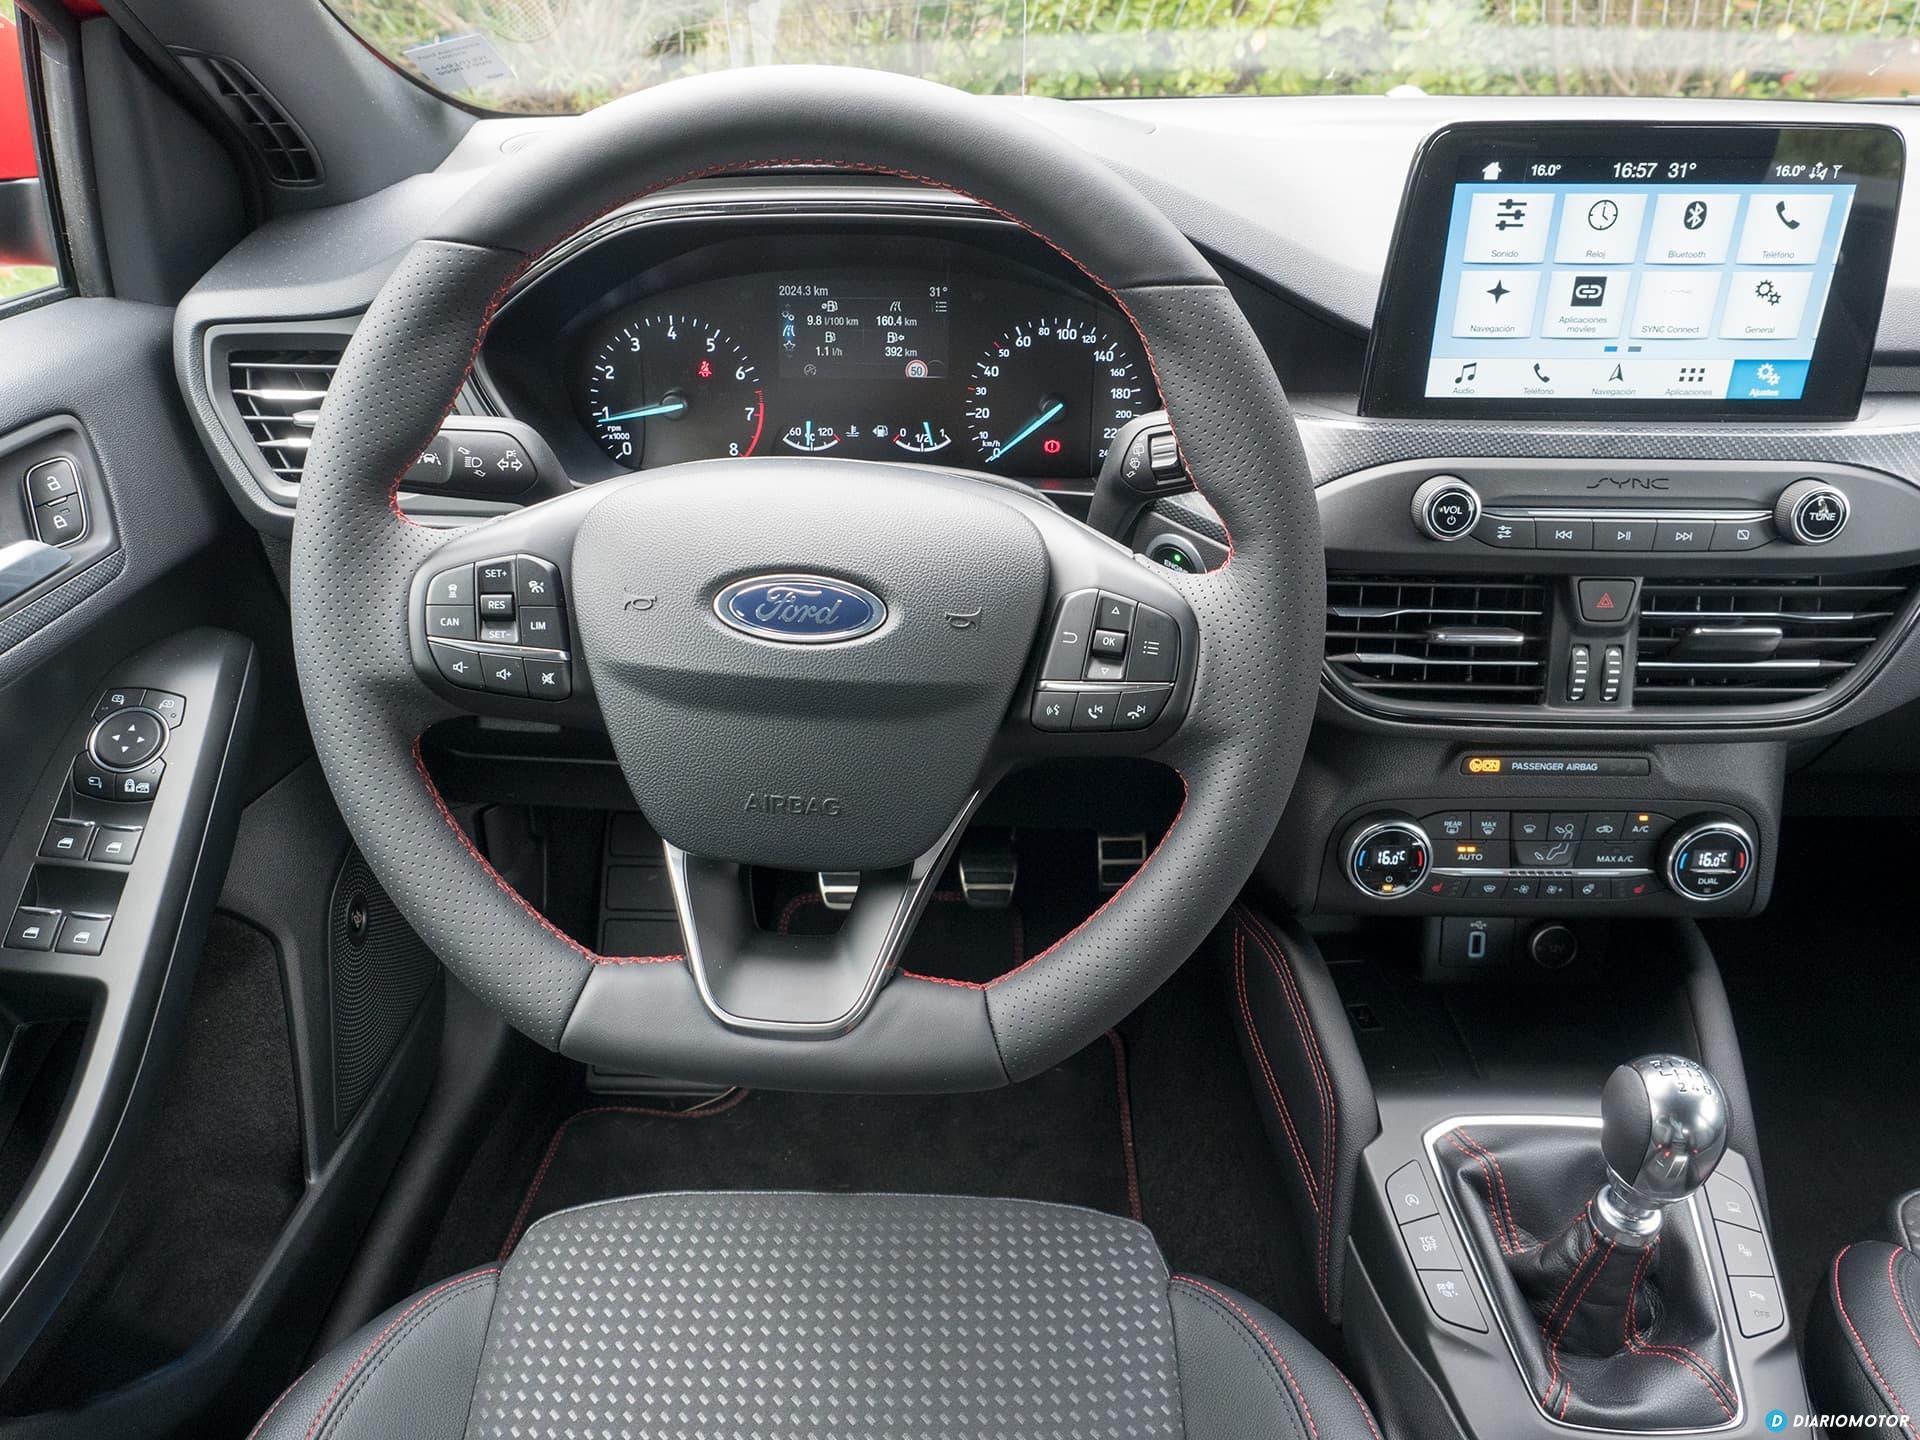 Ford Focus 2018 Interior 00010